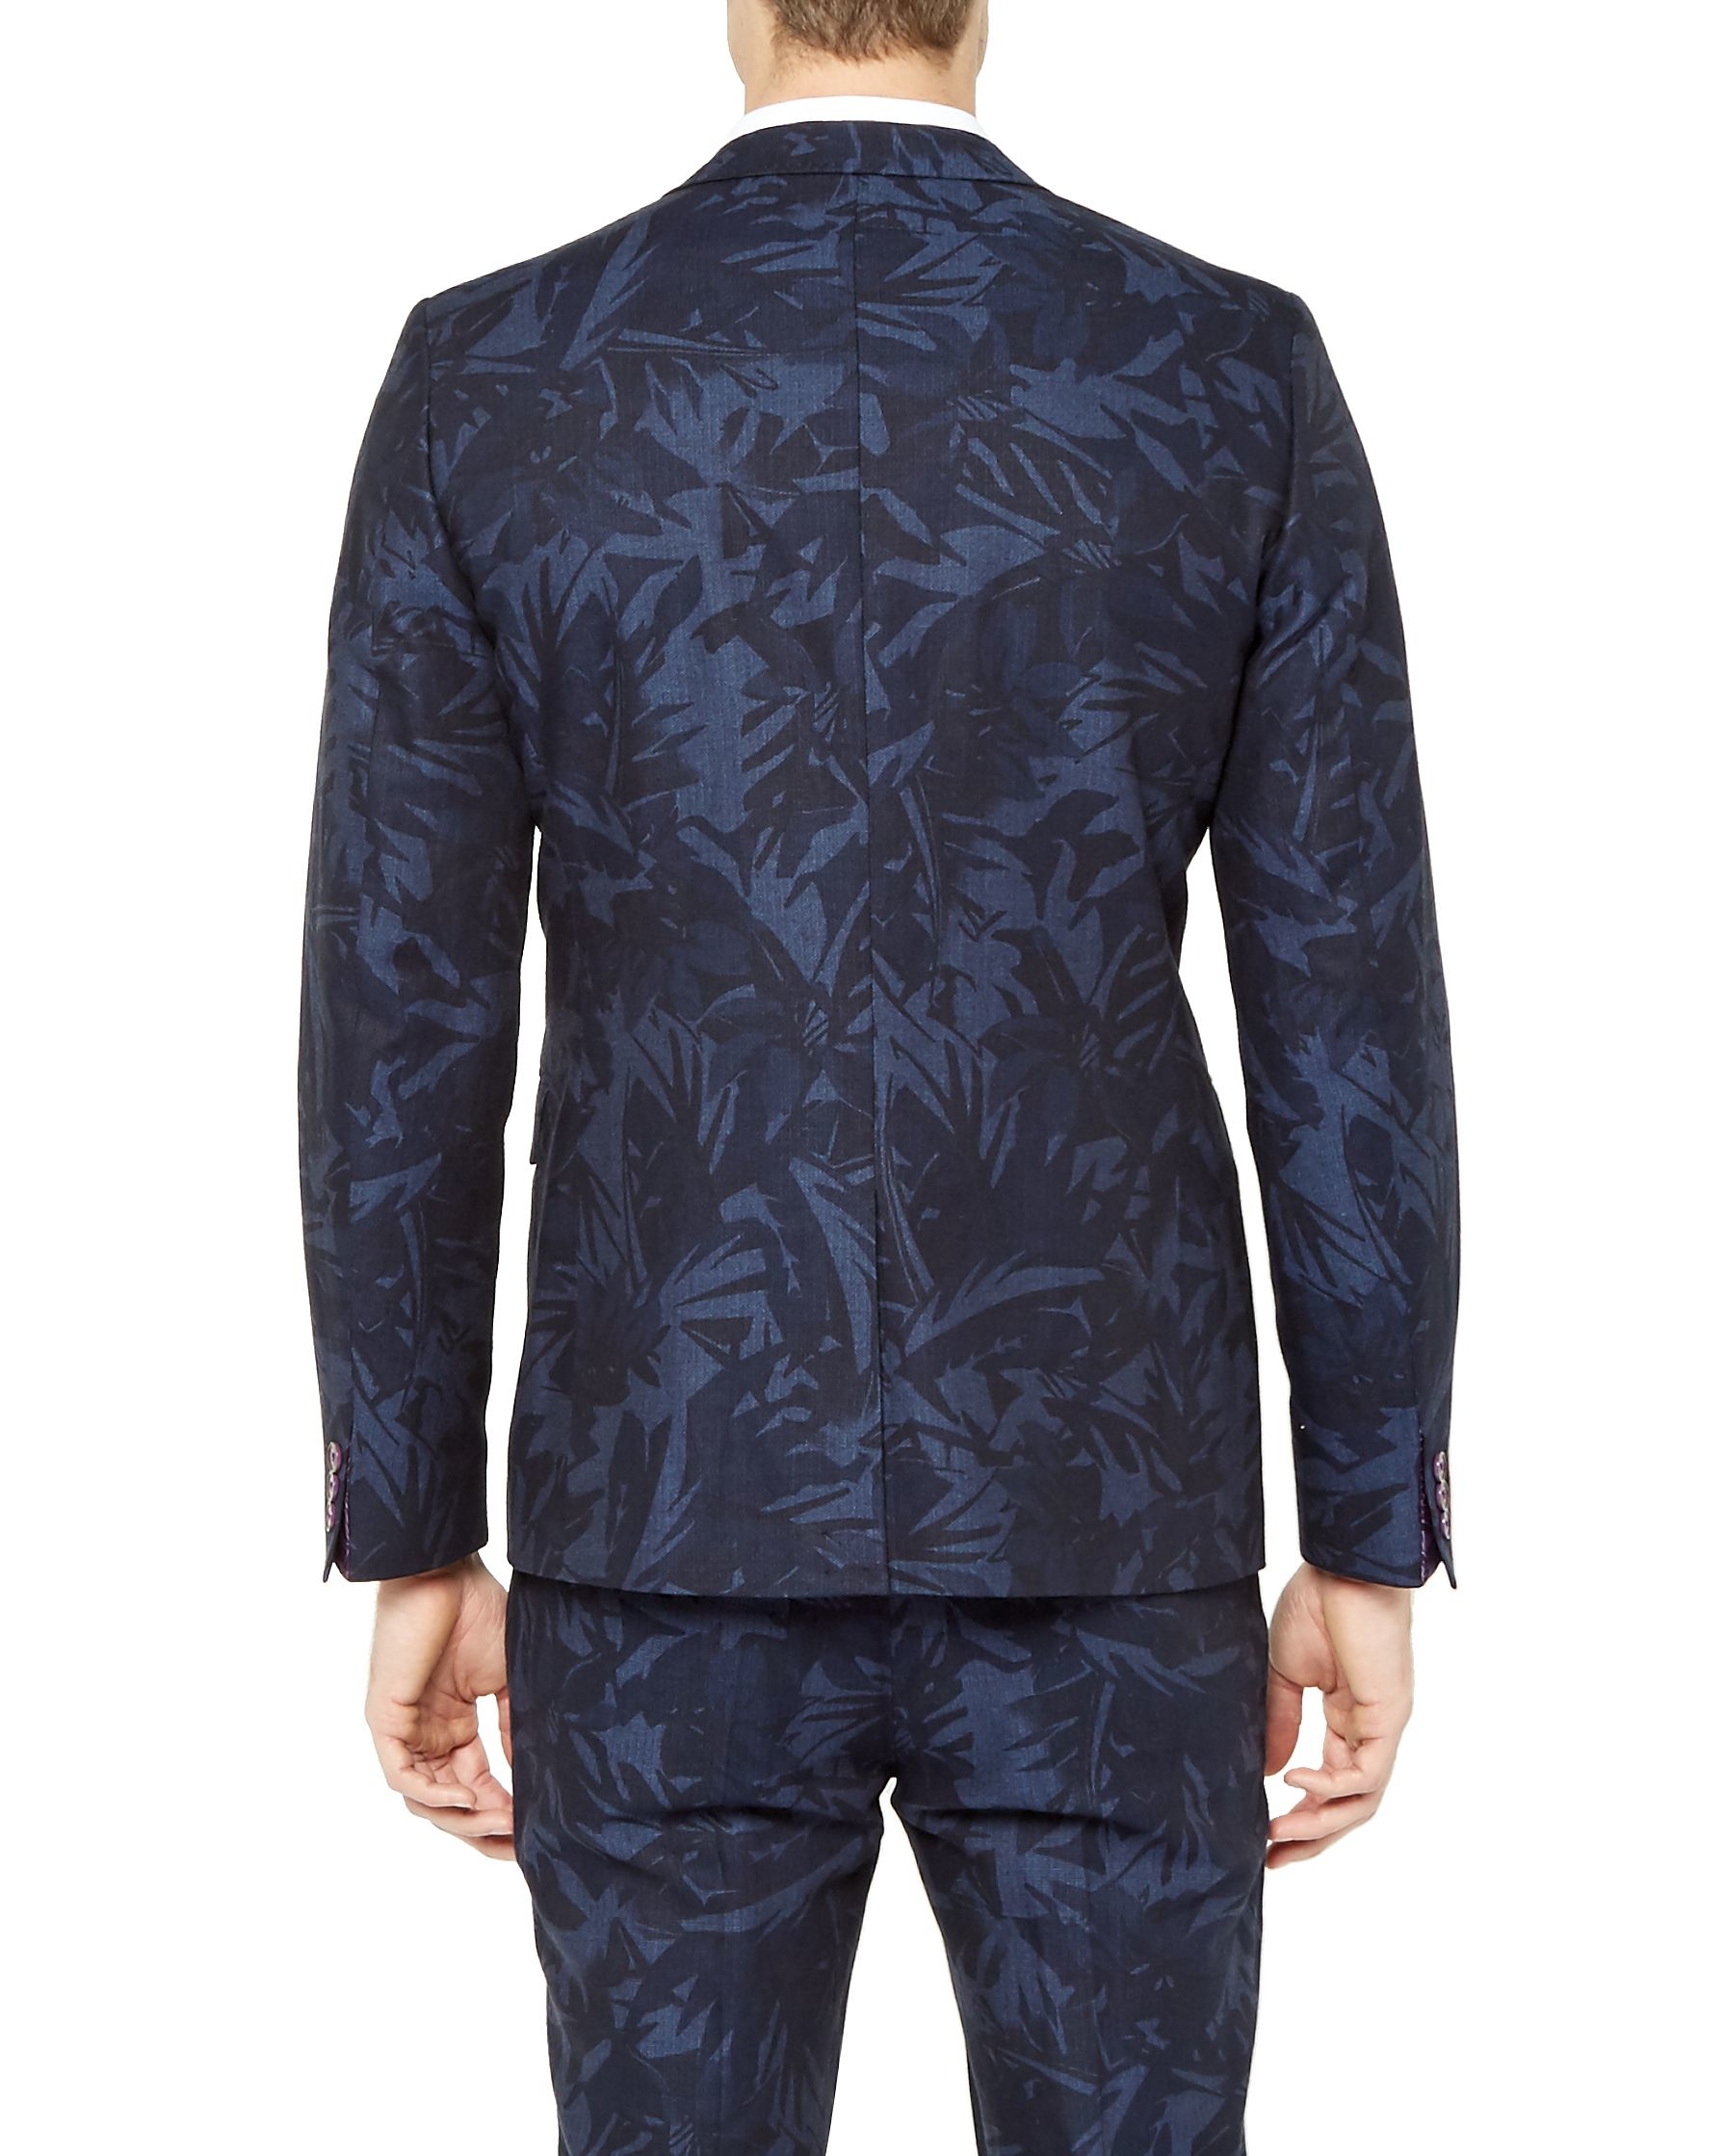 Ted Baker Dorkson Printed Linen Blazer in Navy (Blue) for Men